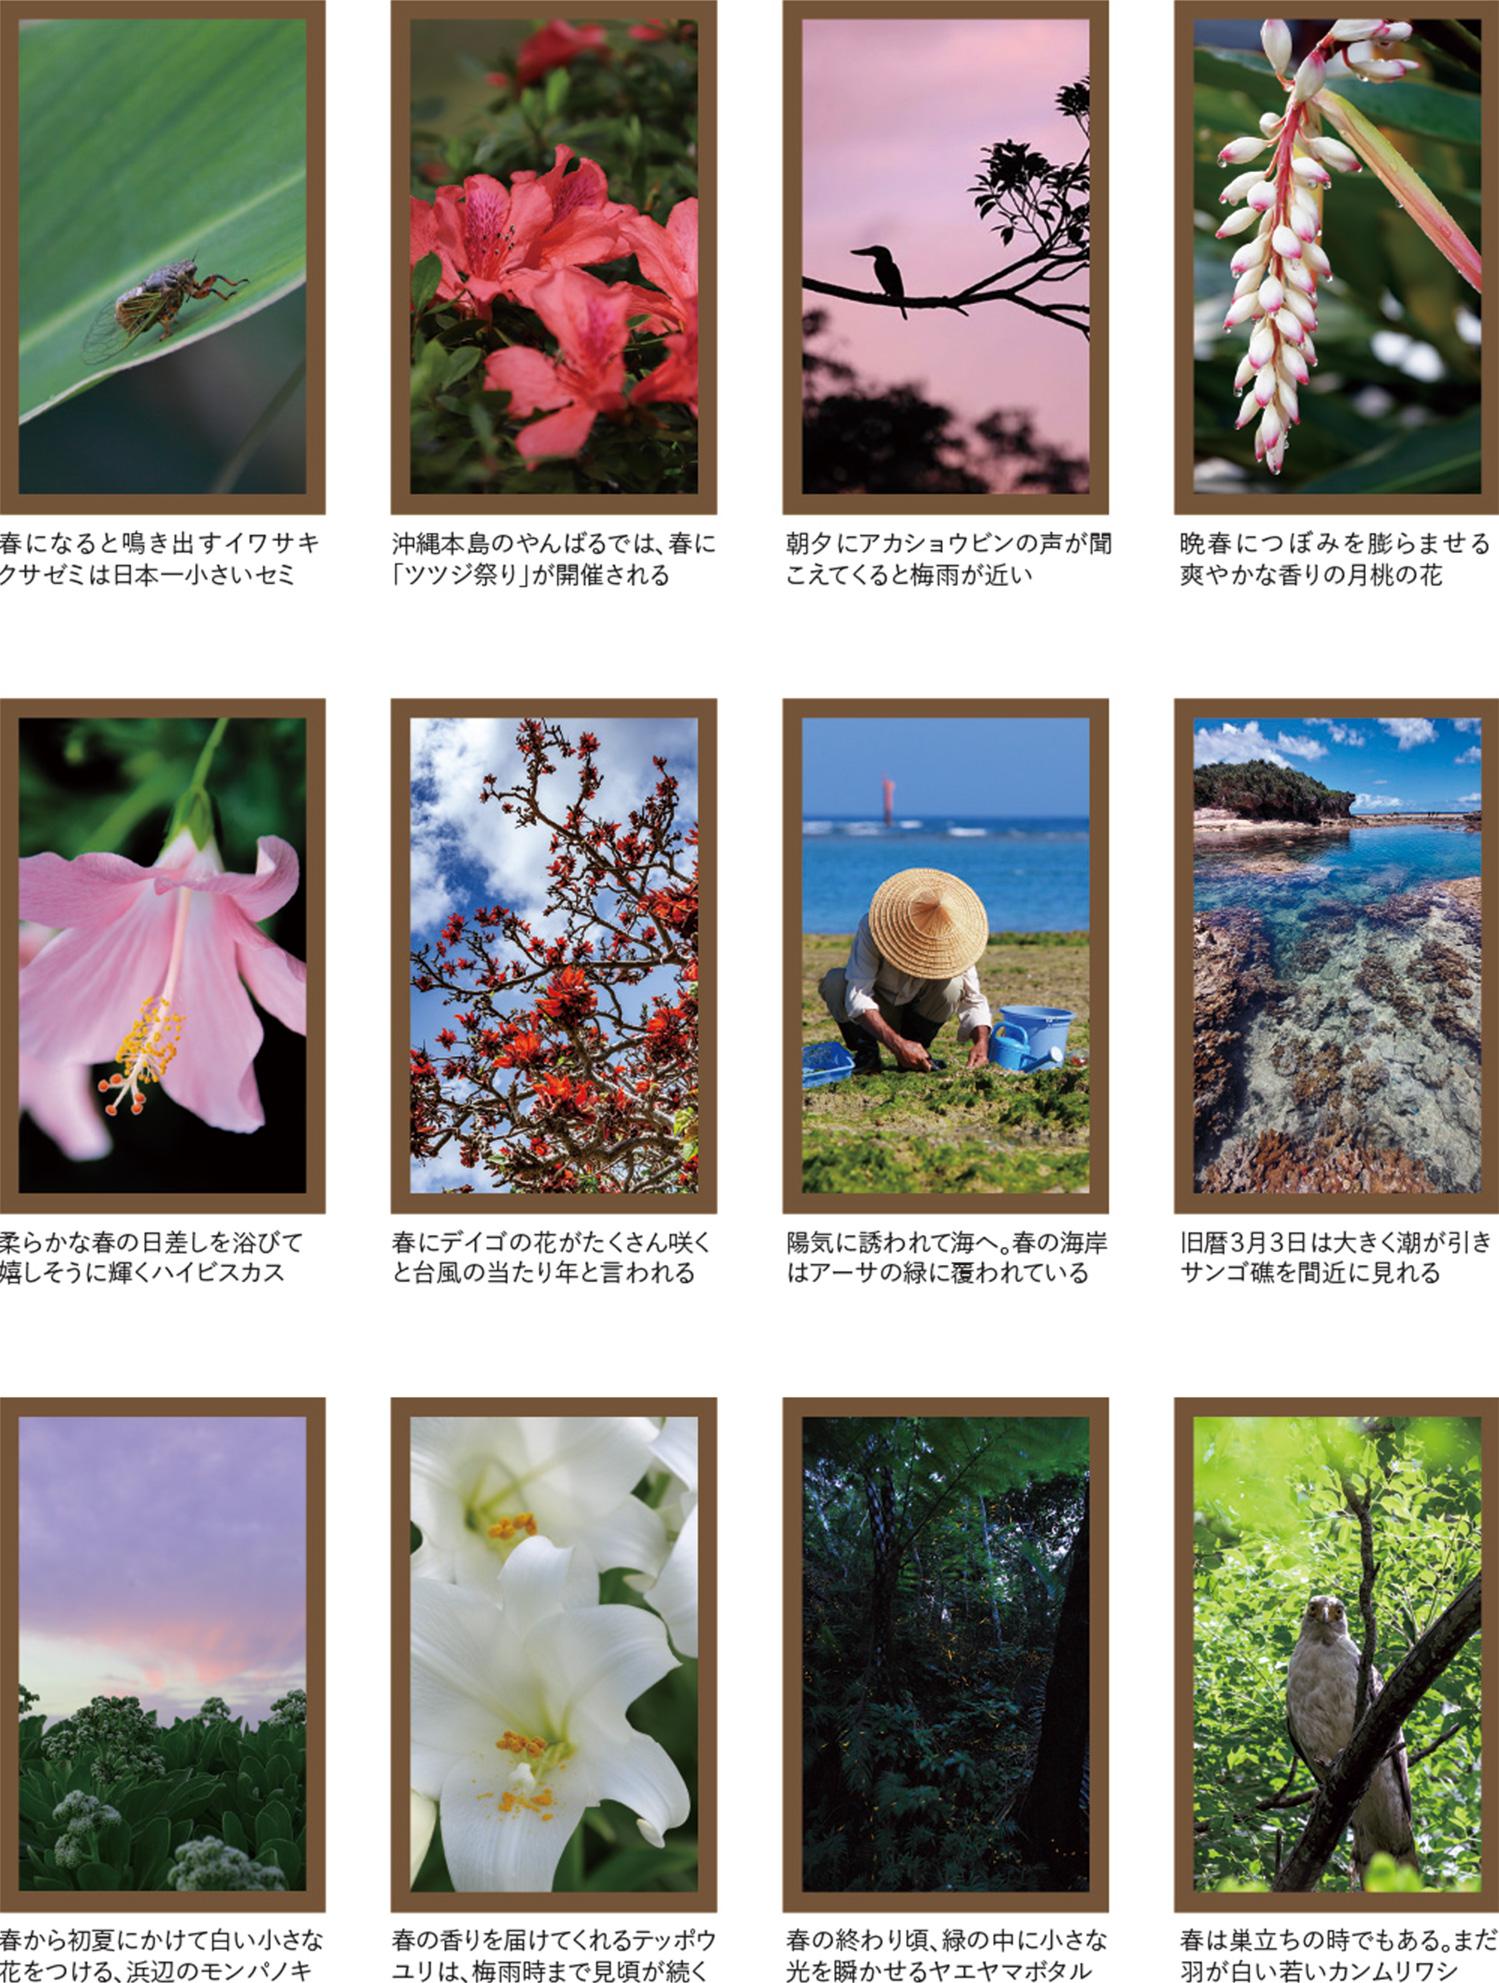 沖縄の四季彩美〜春の色〜